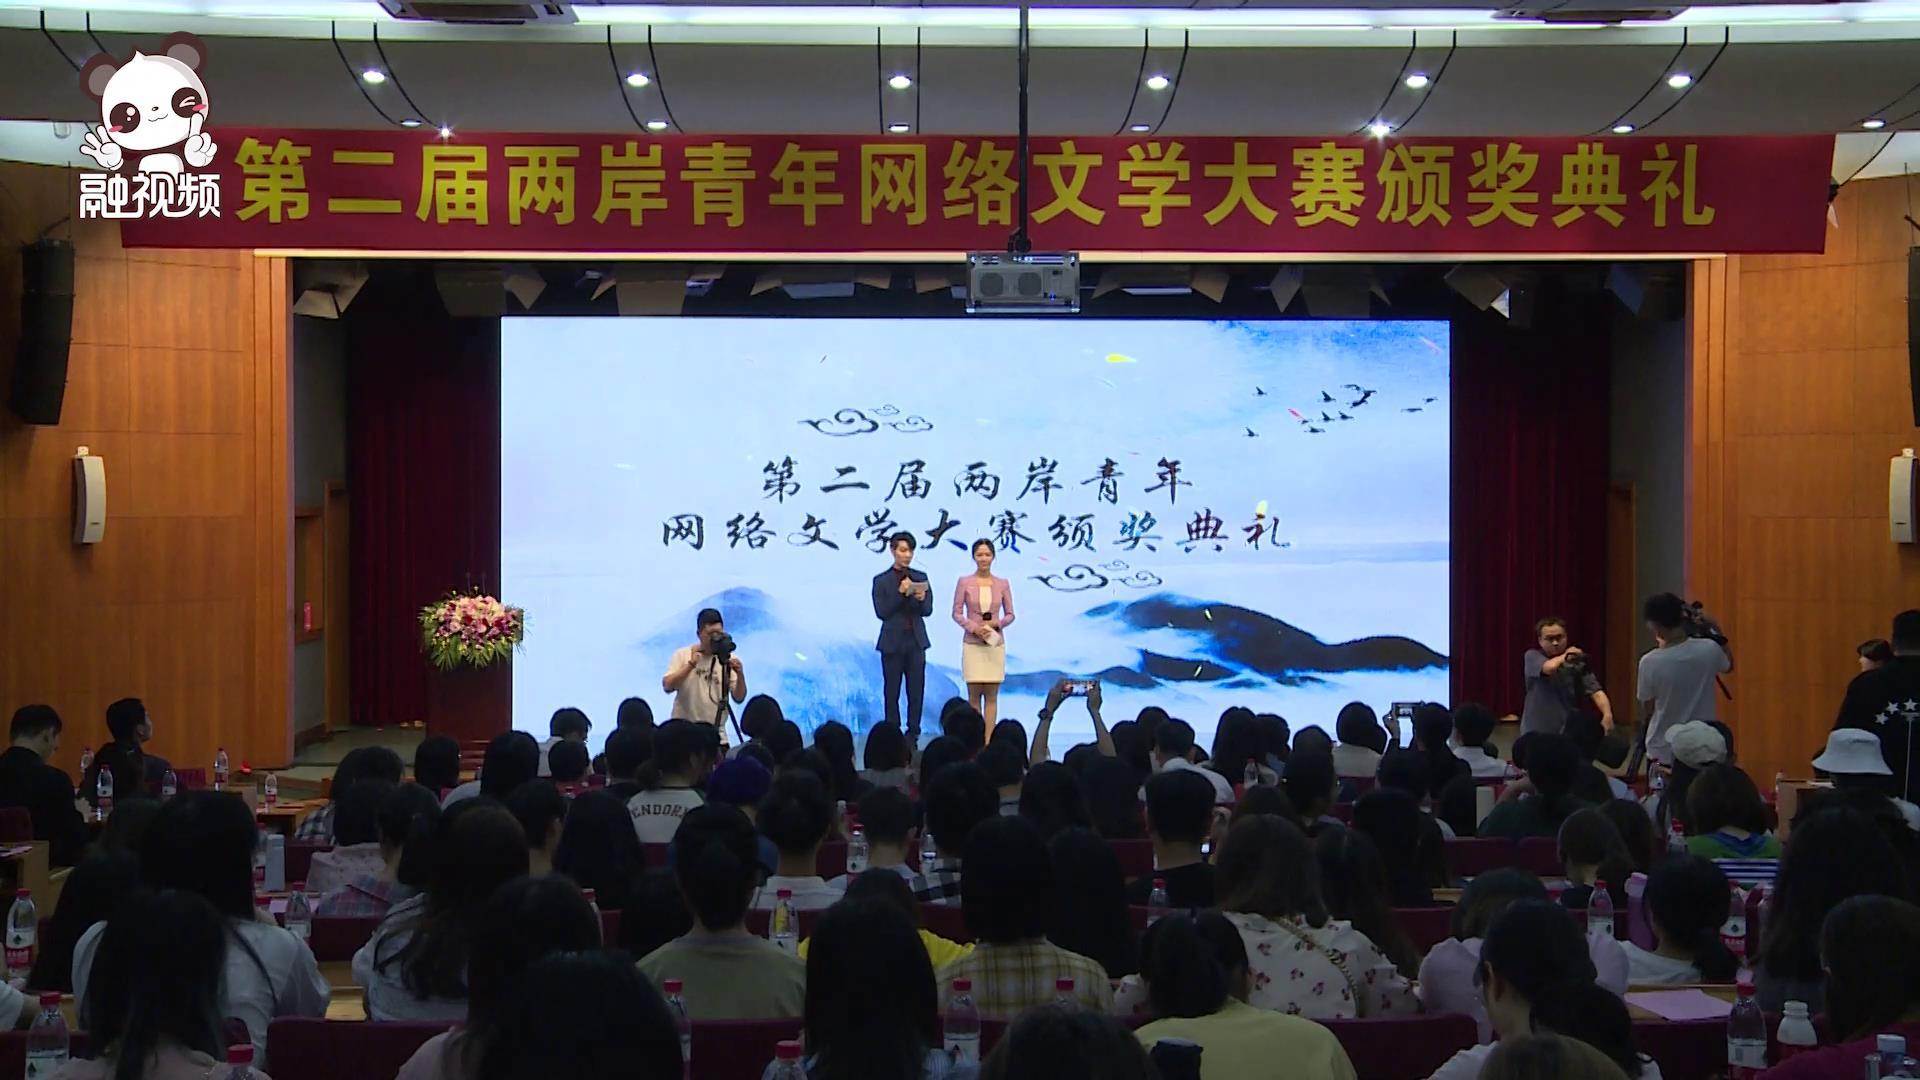 第二届两岸青年网络文学大赛颁奖典礼在杭州举行 32部作品获奖图片